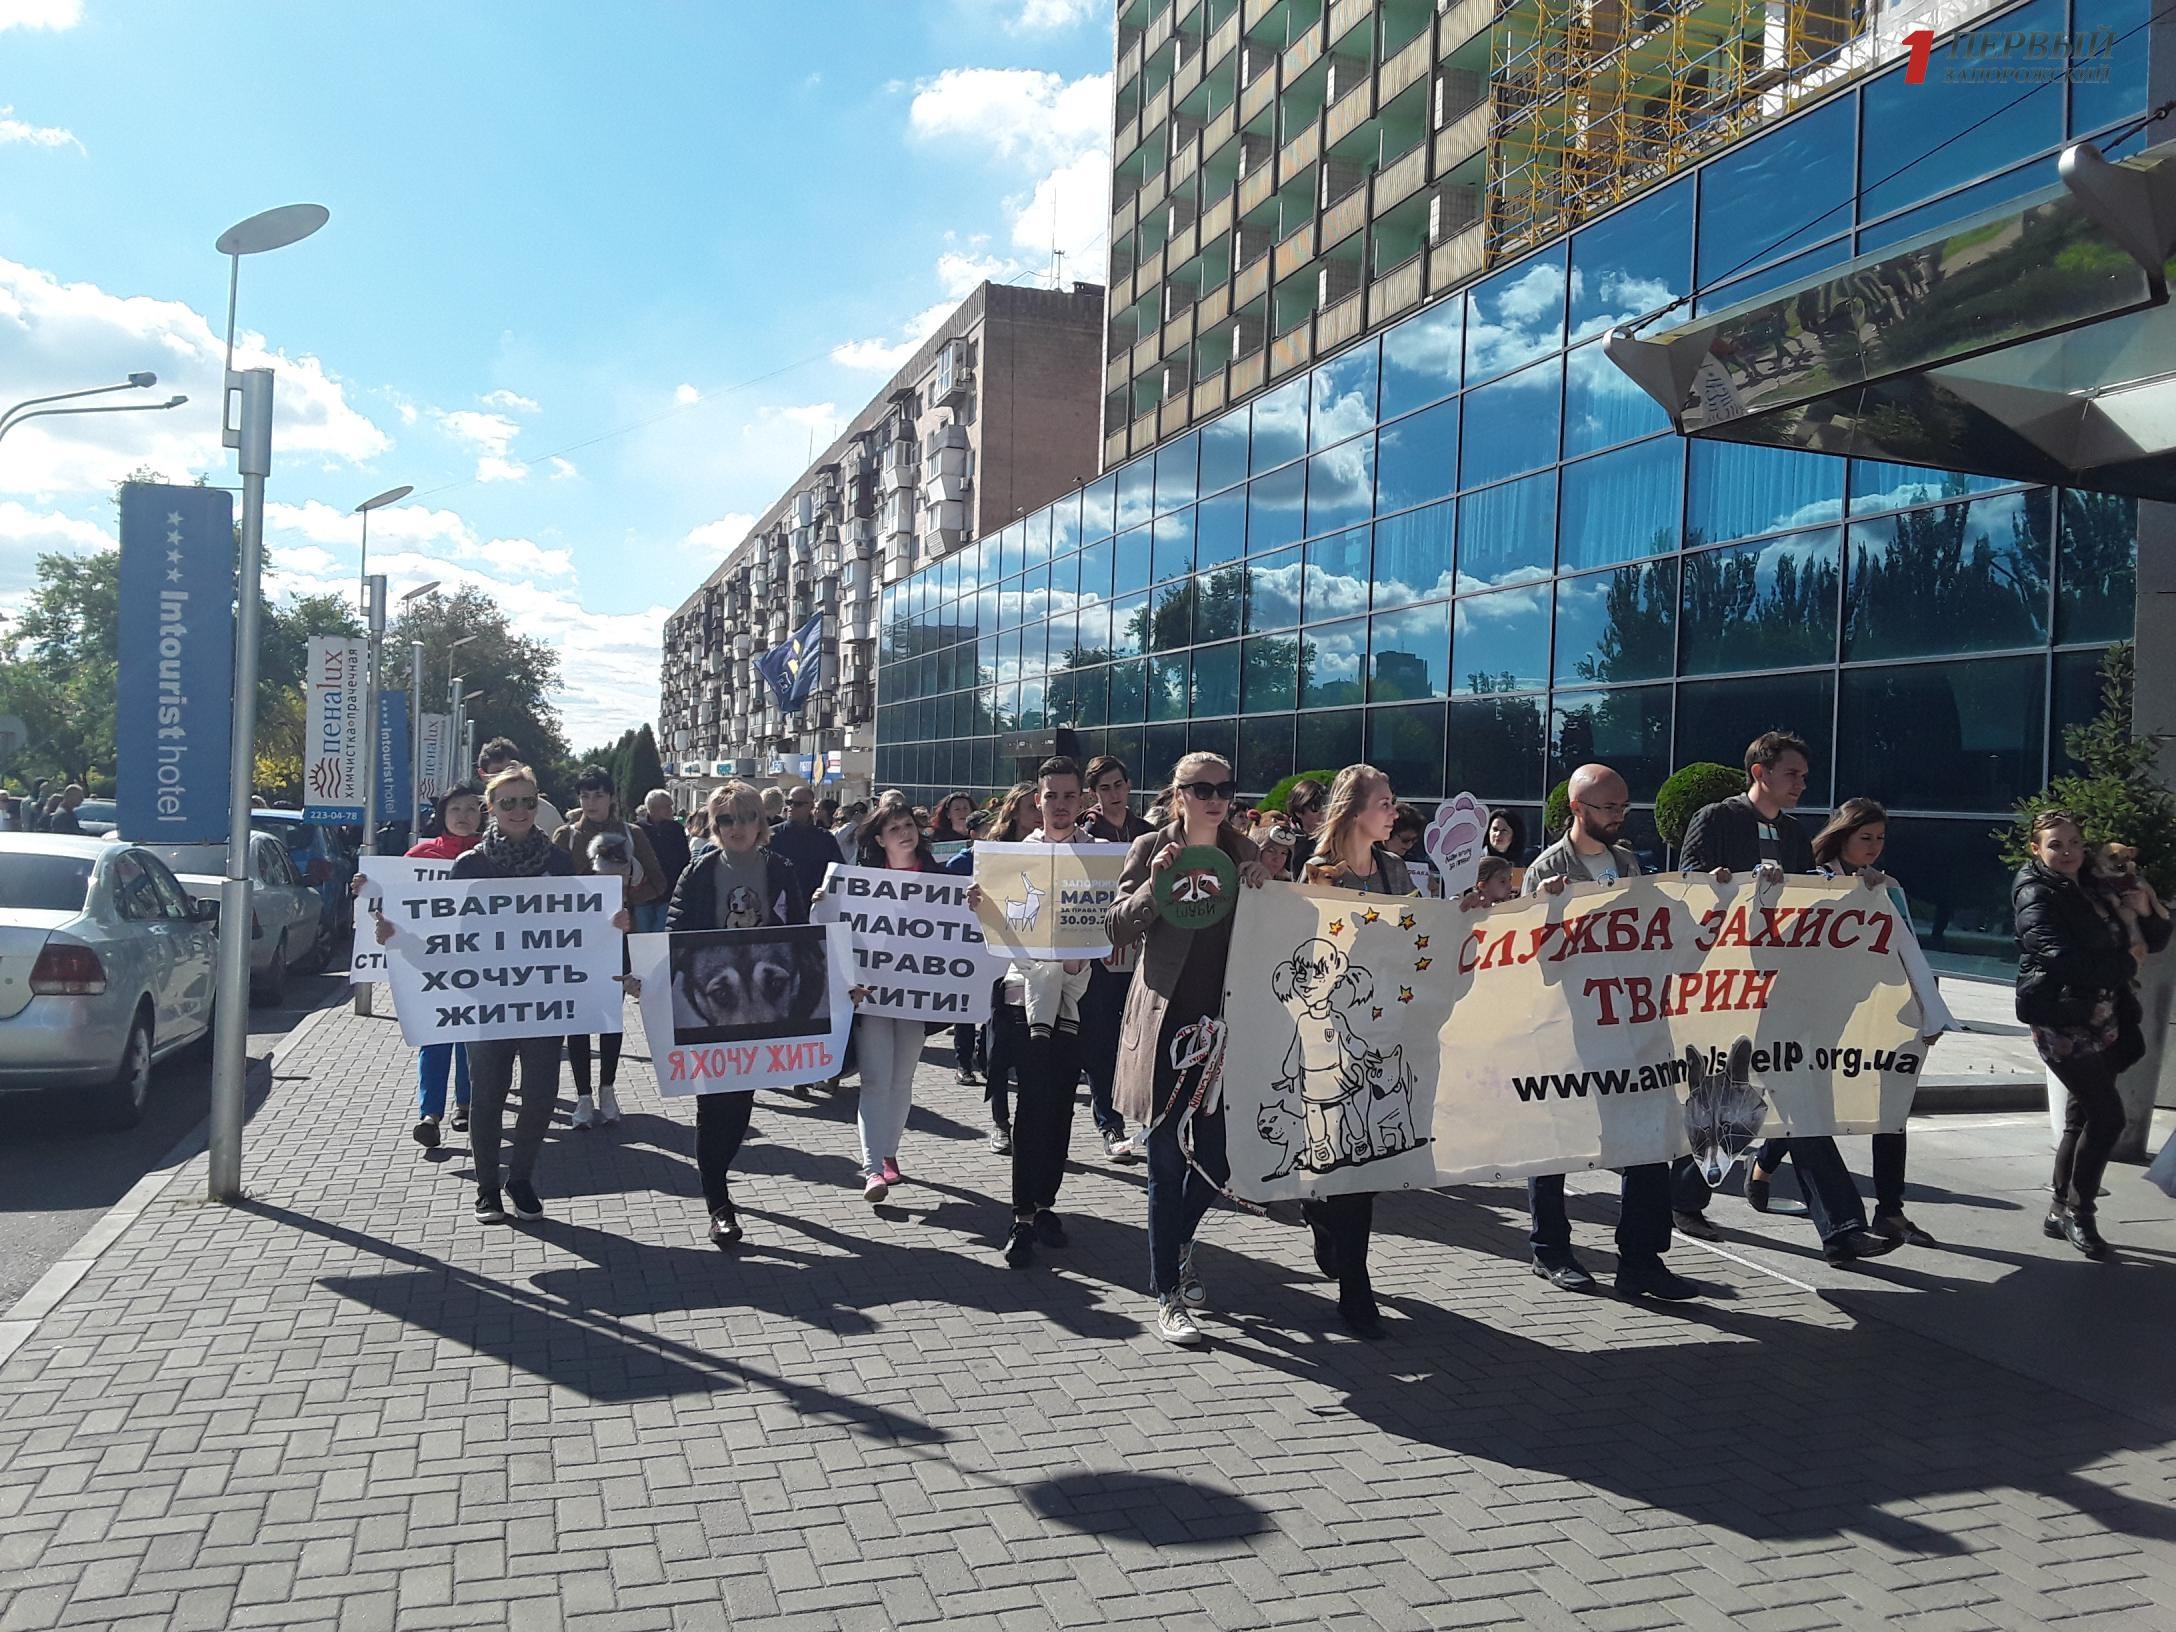 С лозунгами и плакатами: Запорожье присоединилось к Всеукраинскому маршу за права животных - ФОТО, ВИДЕО